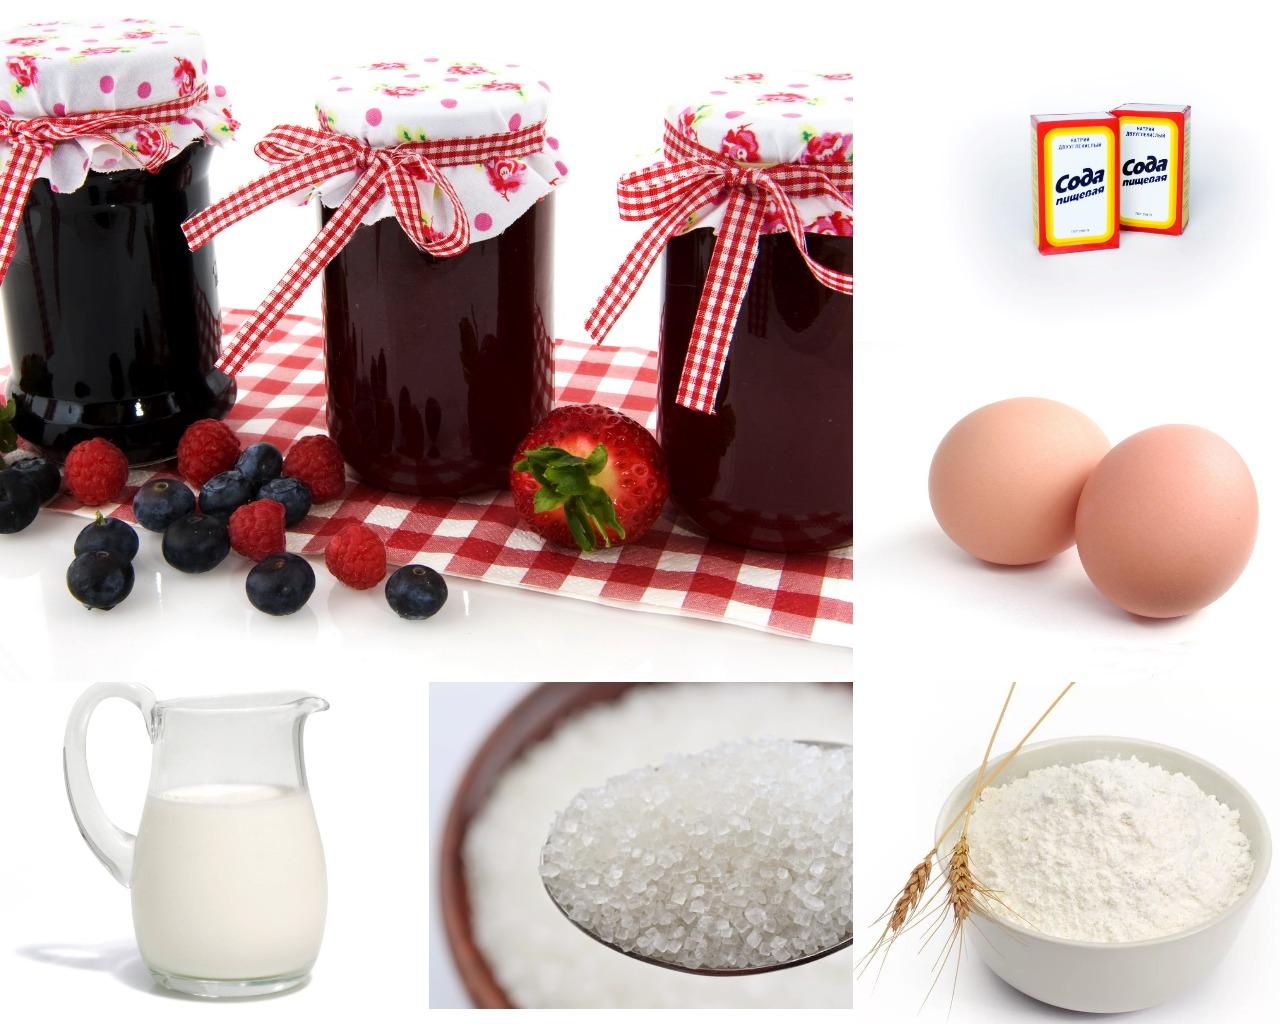 Ингредиенты для сметанника с какао и ягодным вареньем